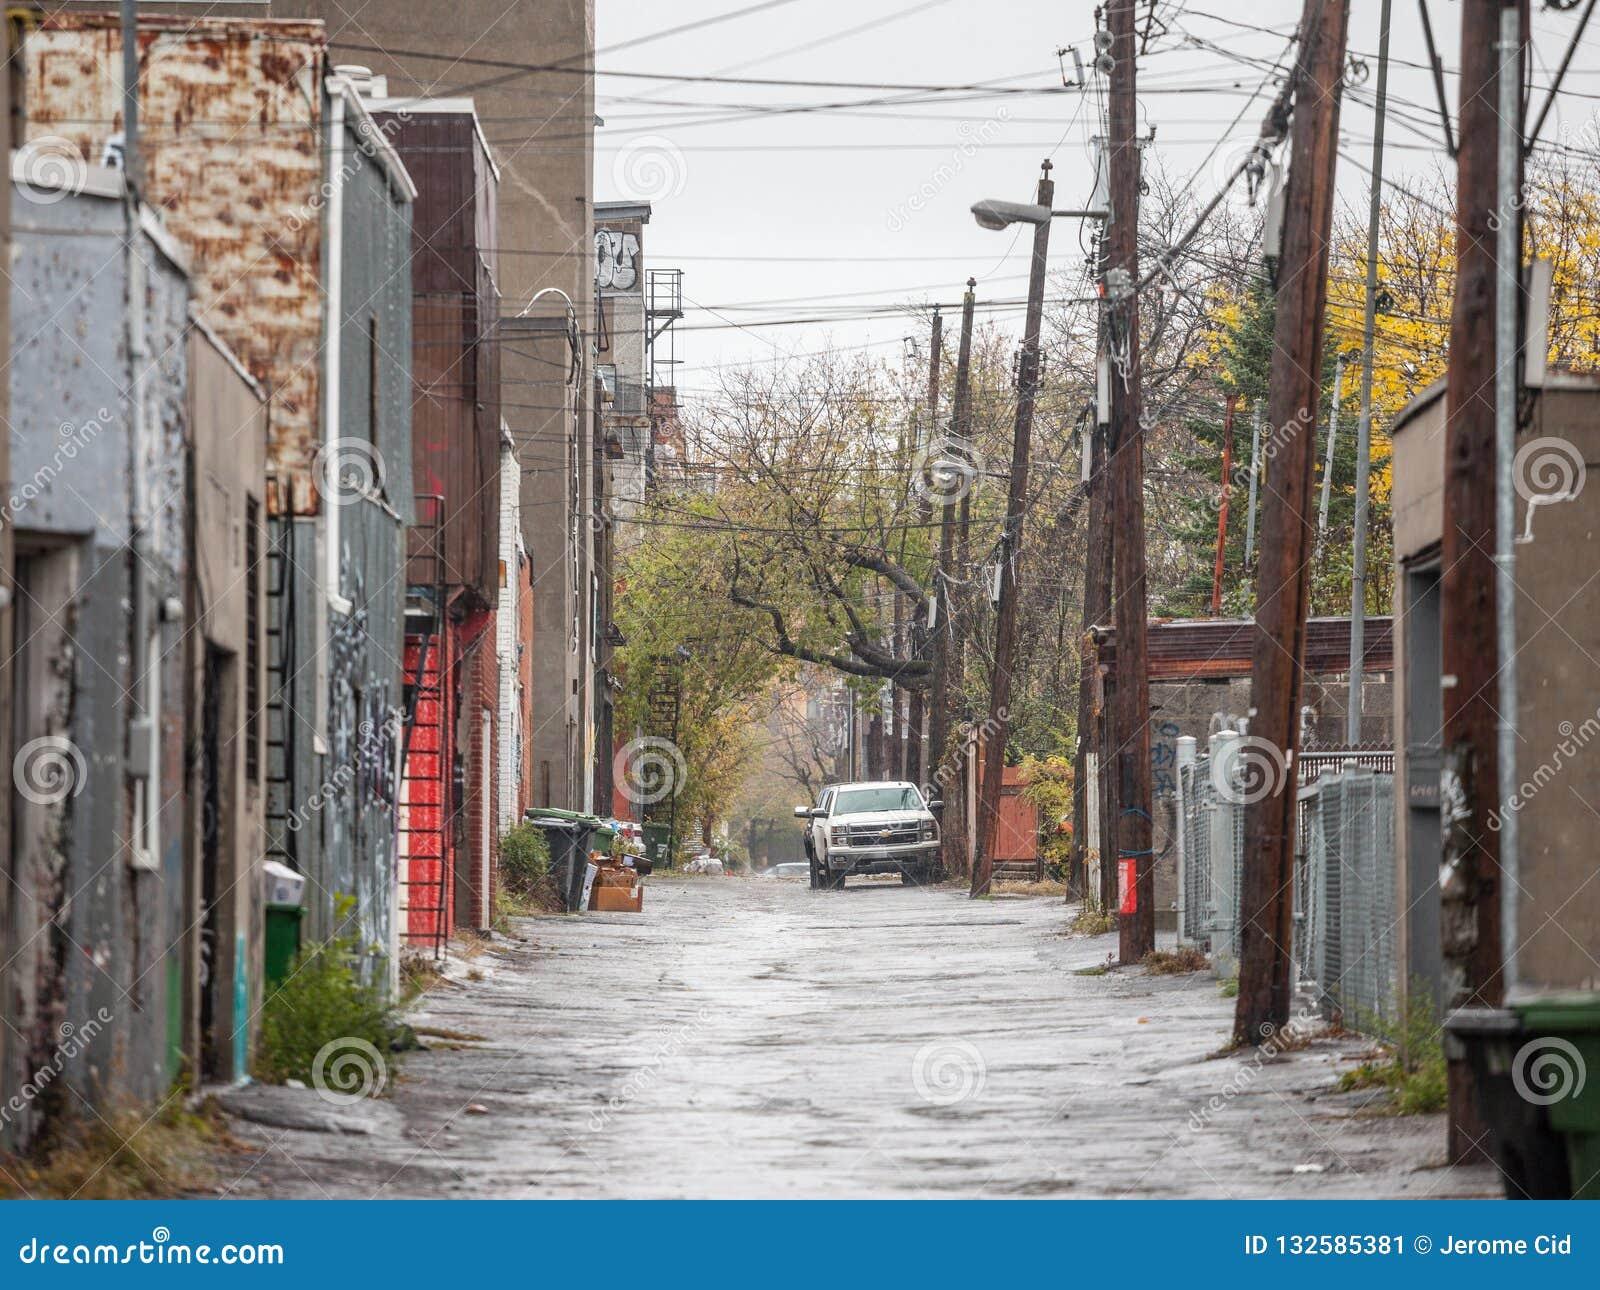 Obdrapana typowa północnoamerykańska mieszkaniowa ulica w jesieni w Montreal, Quebec, podczas deszczowego dnia z samochodami park